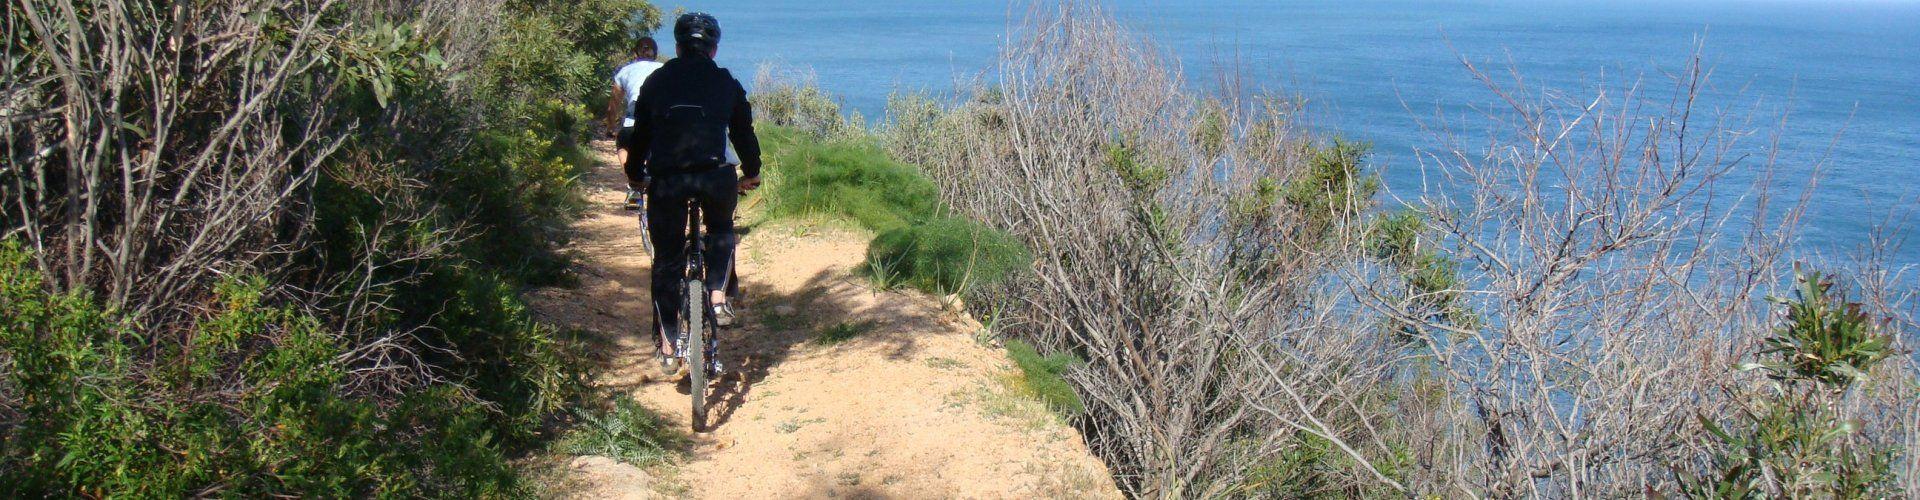 Escursione in bici nei pressi di Chia